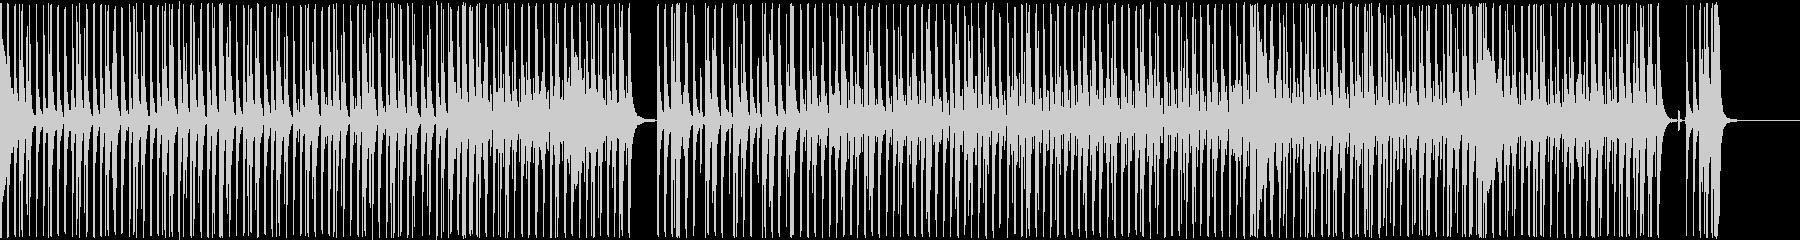 古典的なマッスルショールズR&Bグ...の未再生の波形